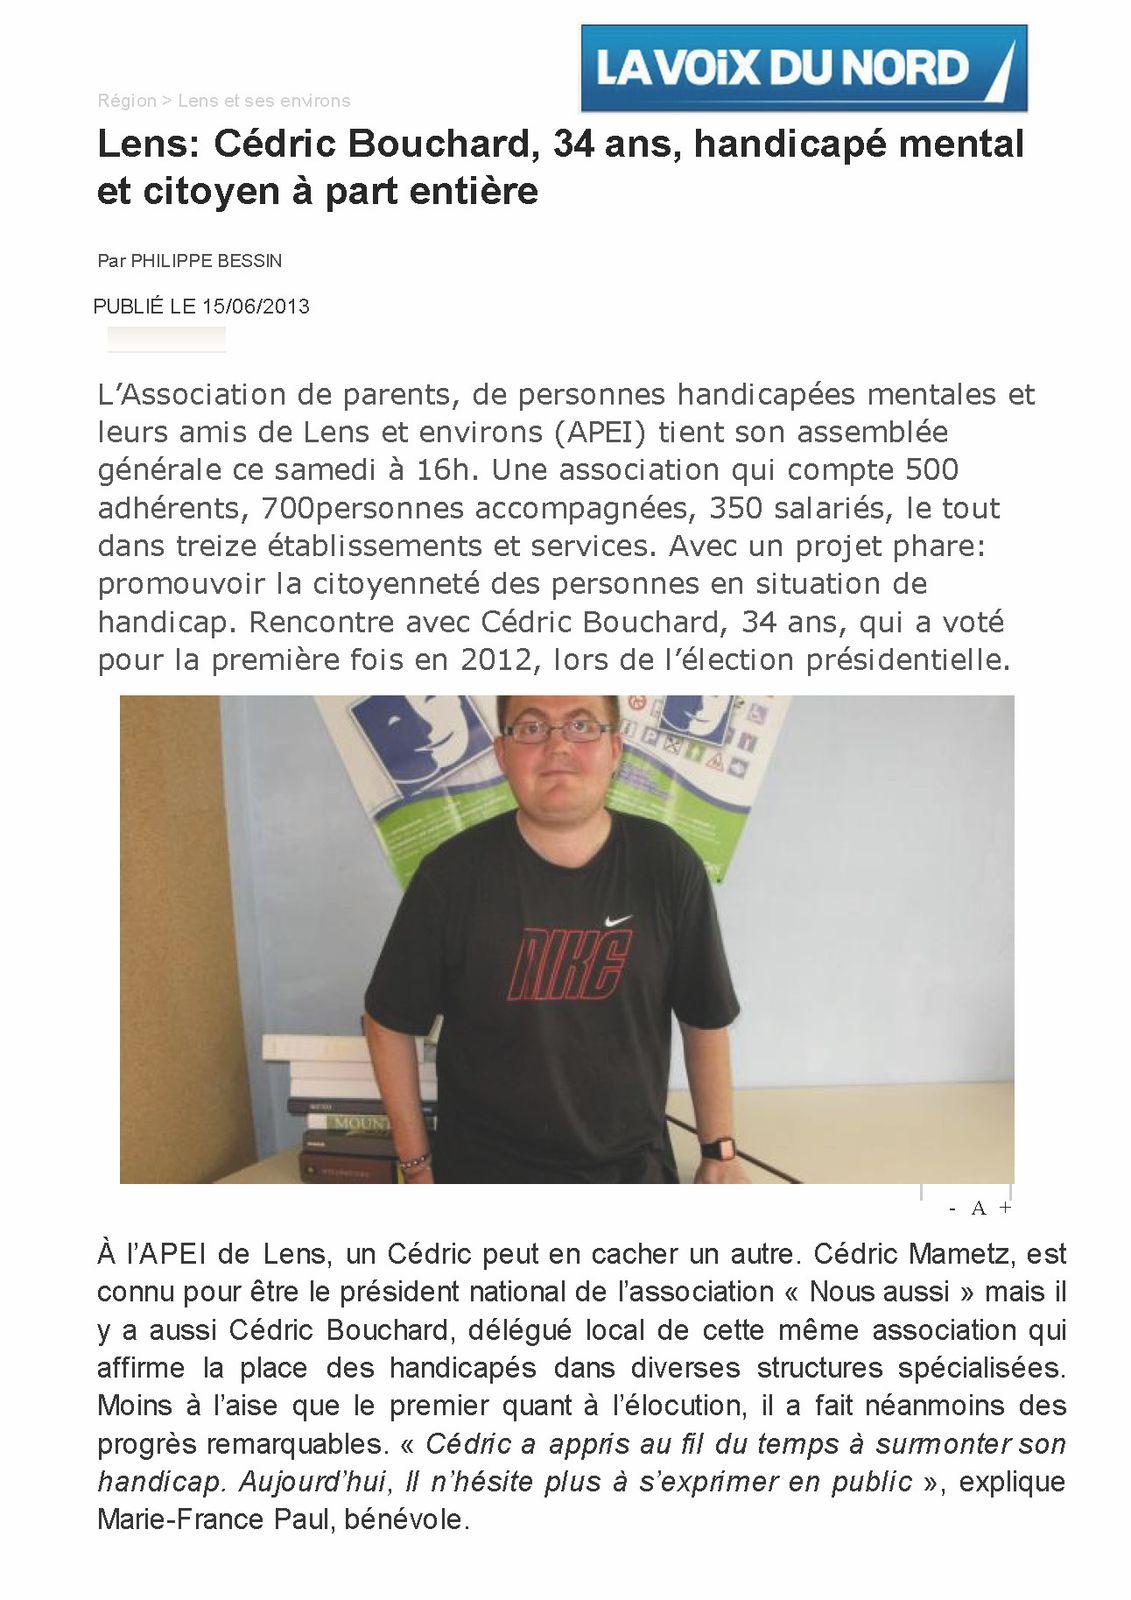 Lens Cédric Bouchard, 34 ans, handicapé mental -copie-1